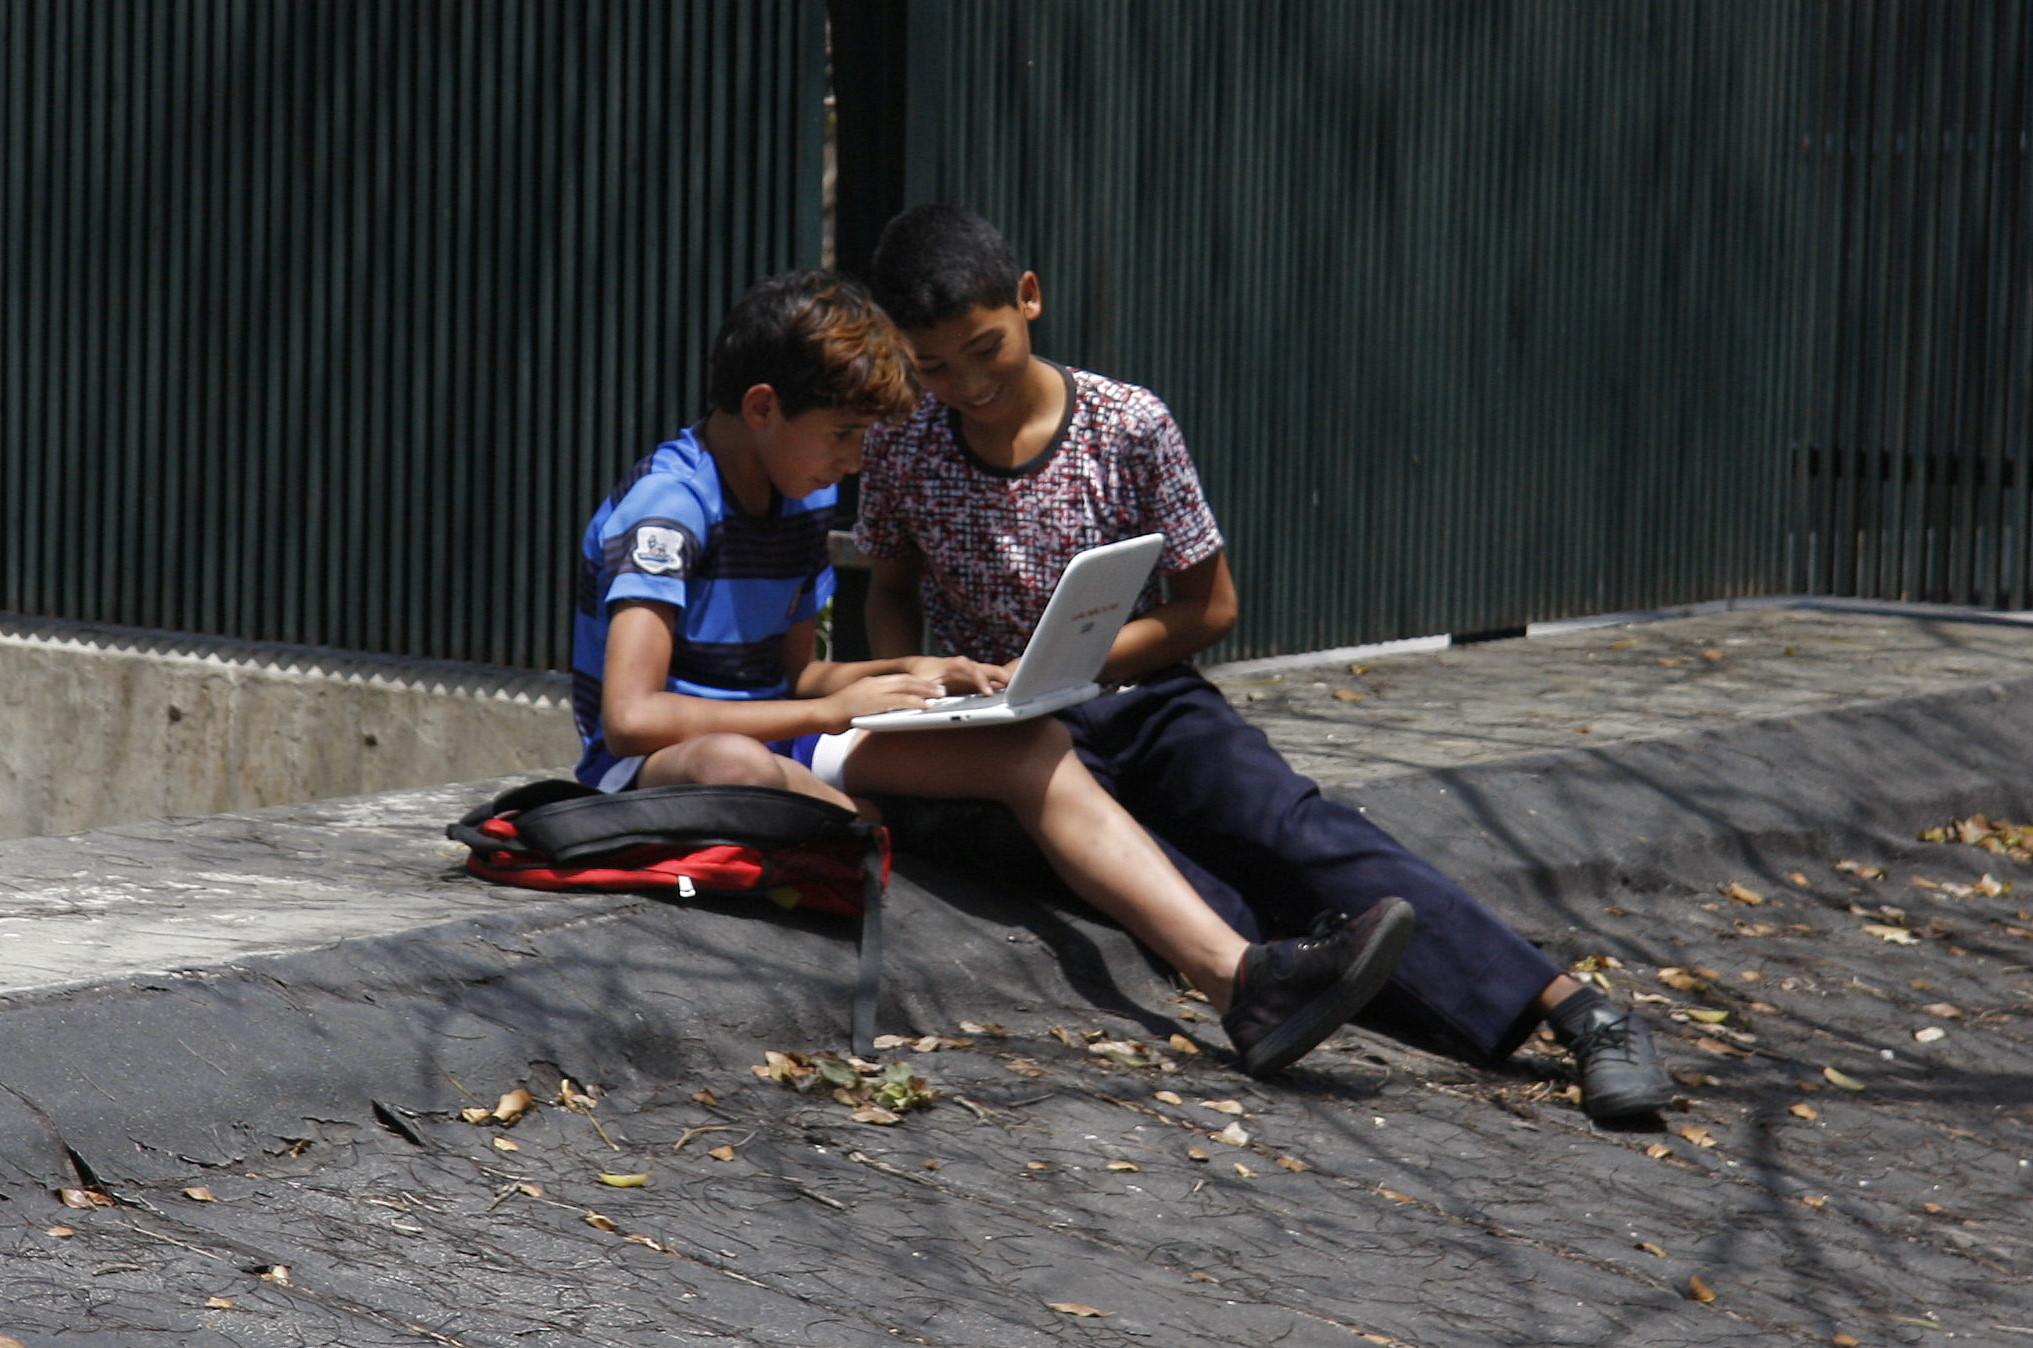 Estudiantes venezolanos tienen acceso a las telecomunicaciones y las tecnologías de manera gratuita